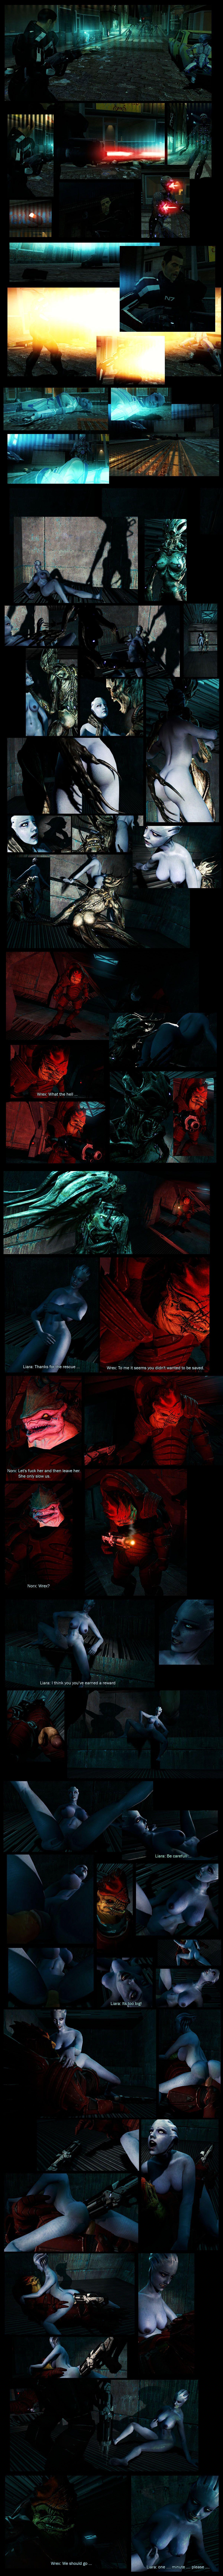 Mass Effect Gmod series